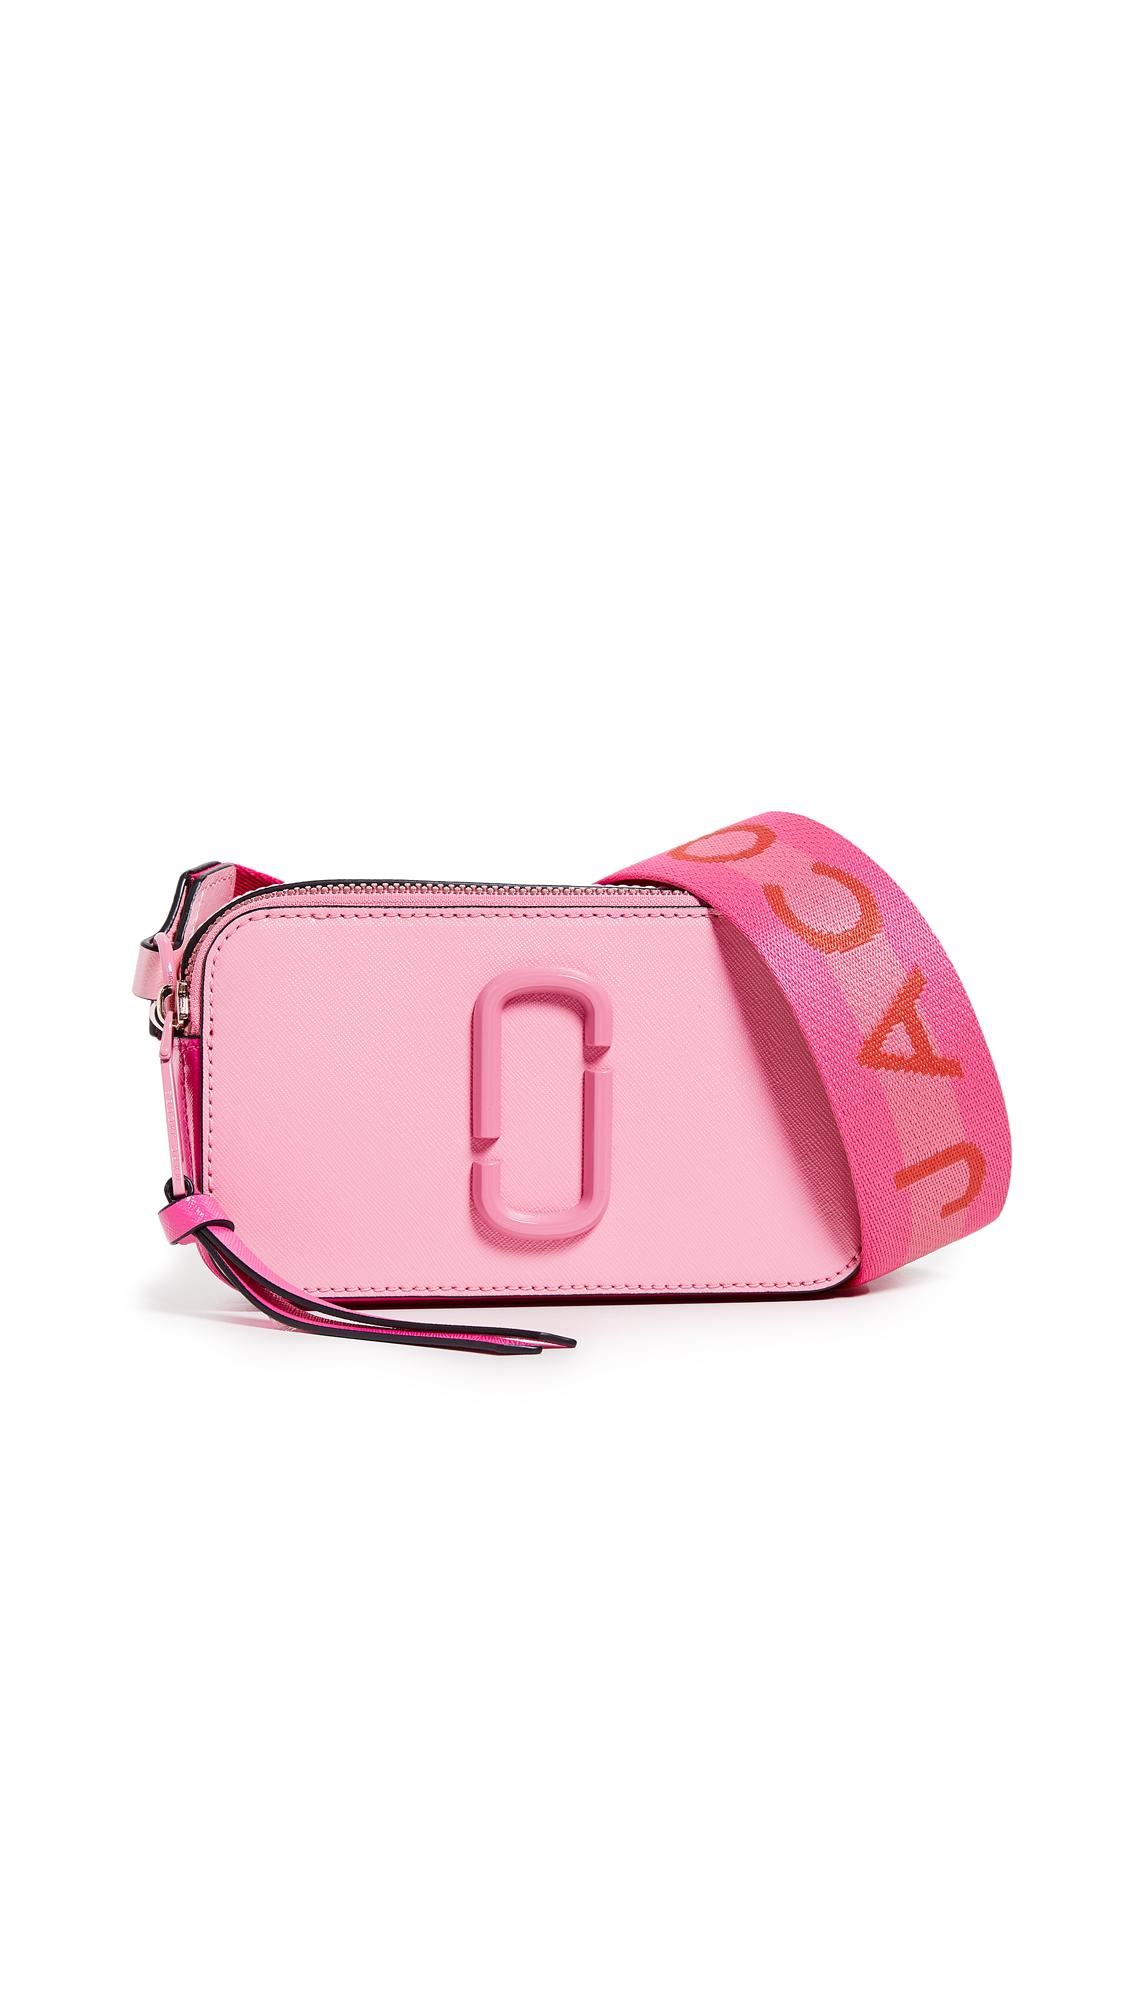 Marc Jacobs Snapshot Camera Bag - Pink Multi